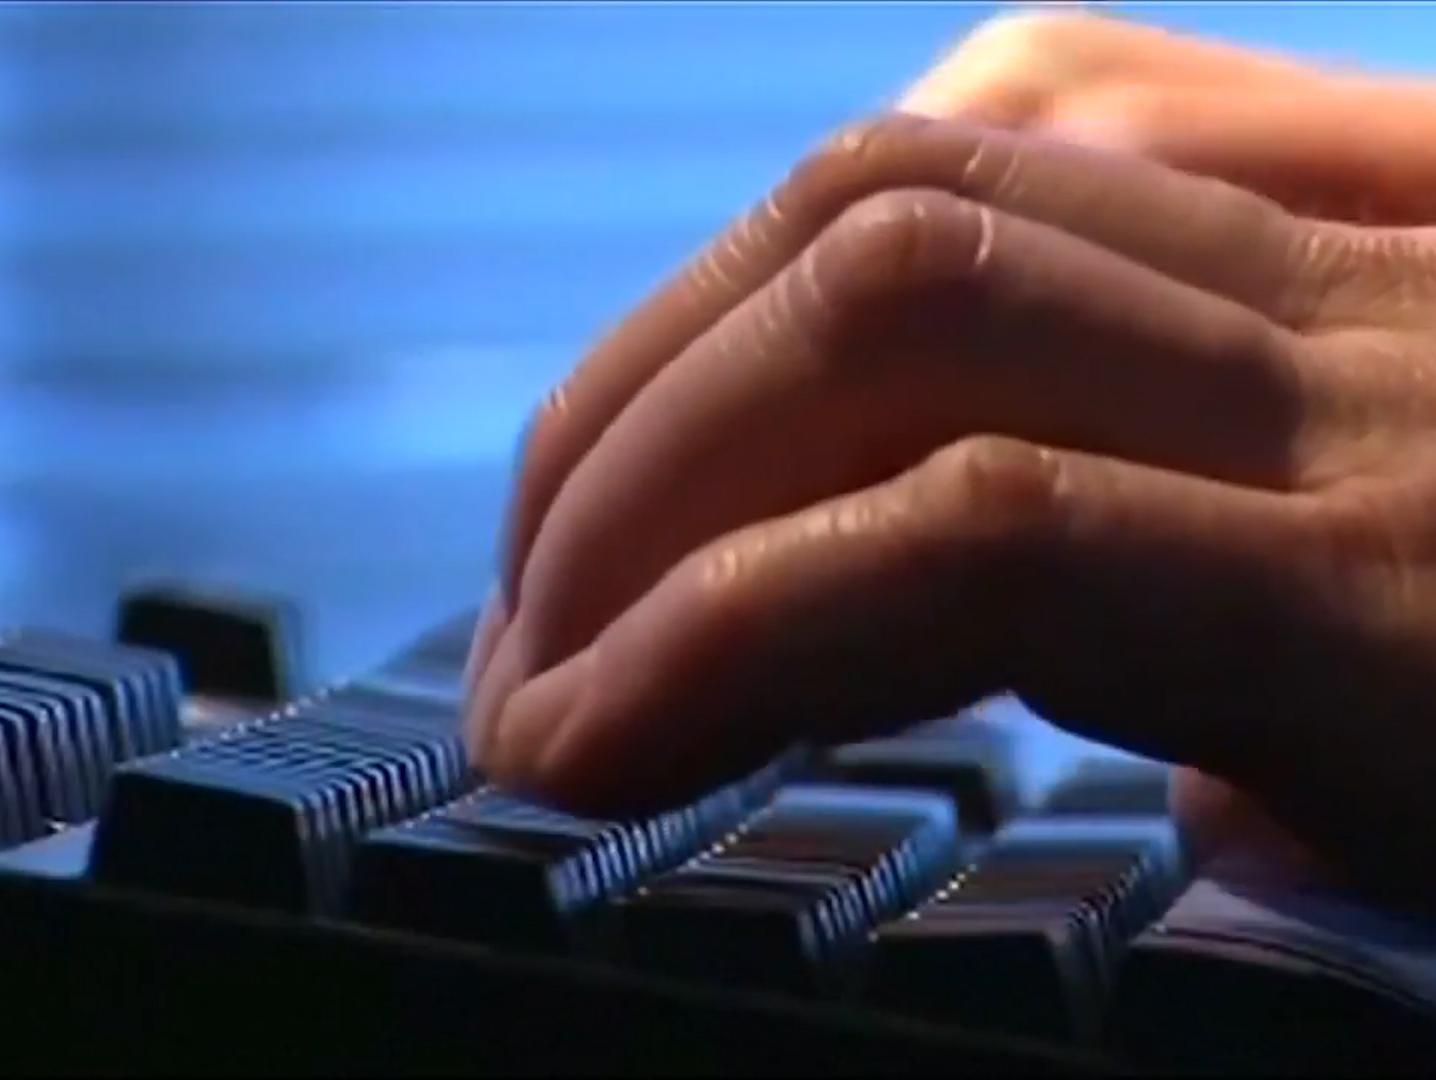 חשיפה: אפליקציית כושר אפשרה איתור עובדי סוכנויות מודיעין